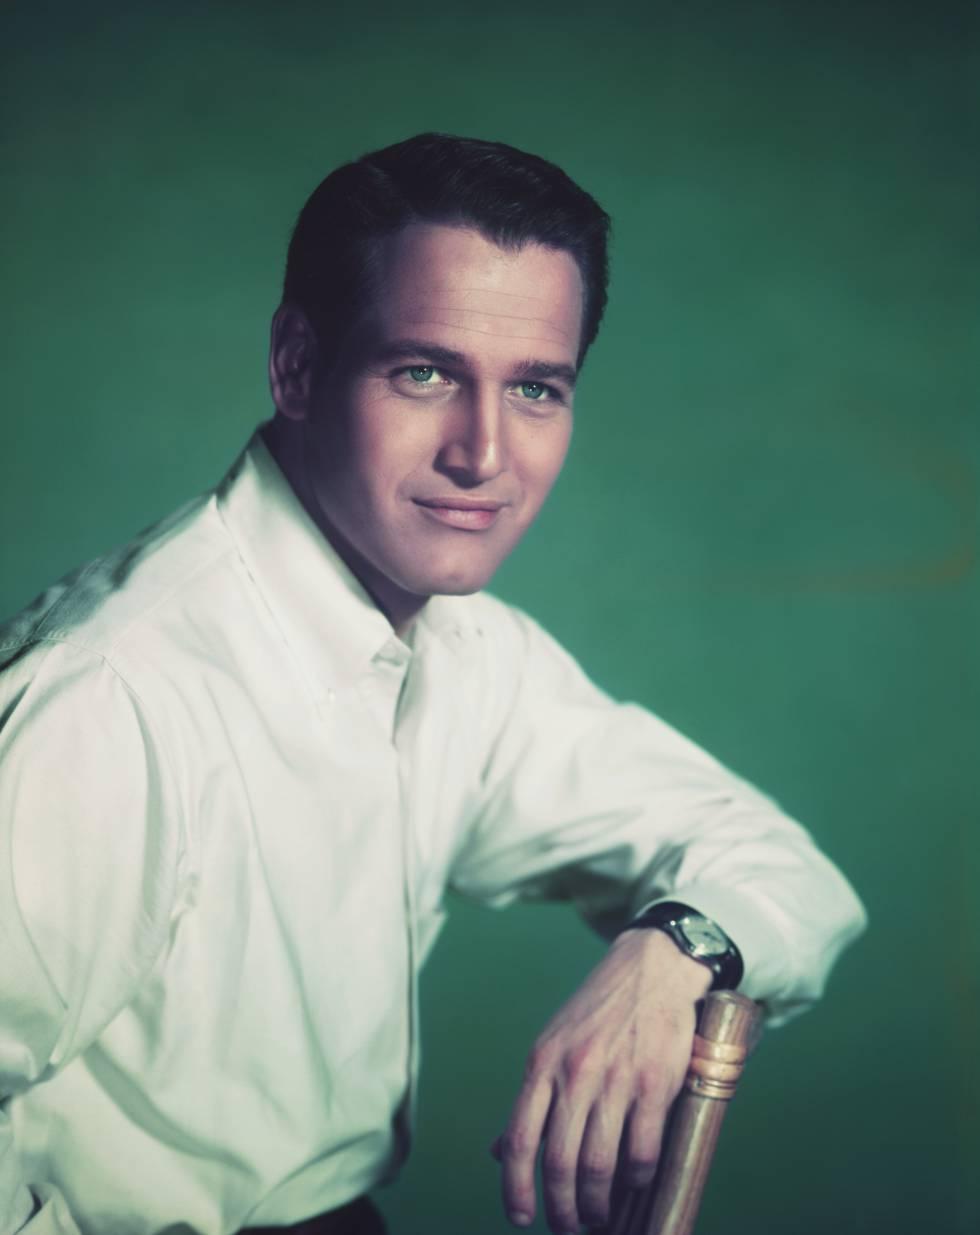 El actor confesó que cuando empezó su carrera le confundían a menudo con Marlon Brando.